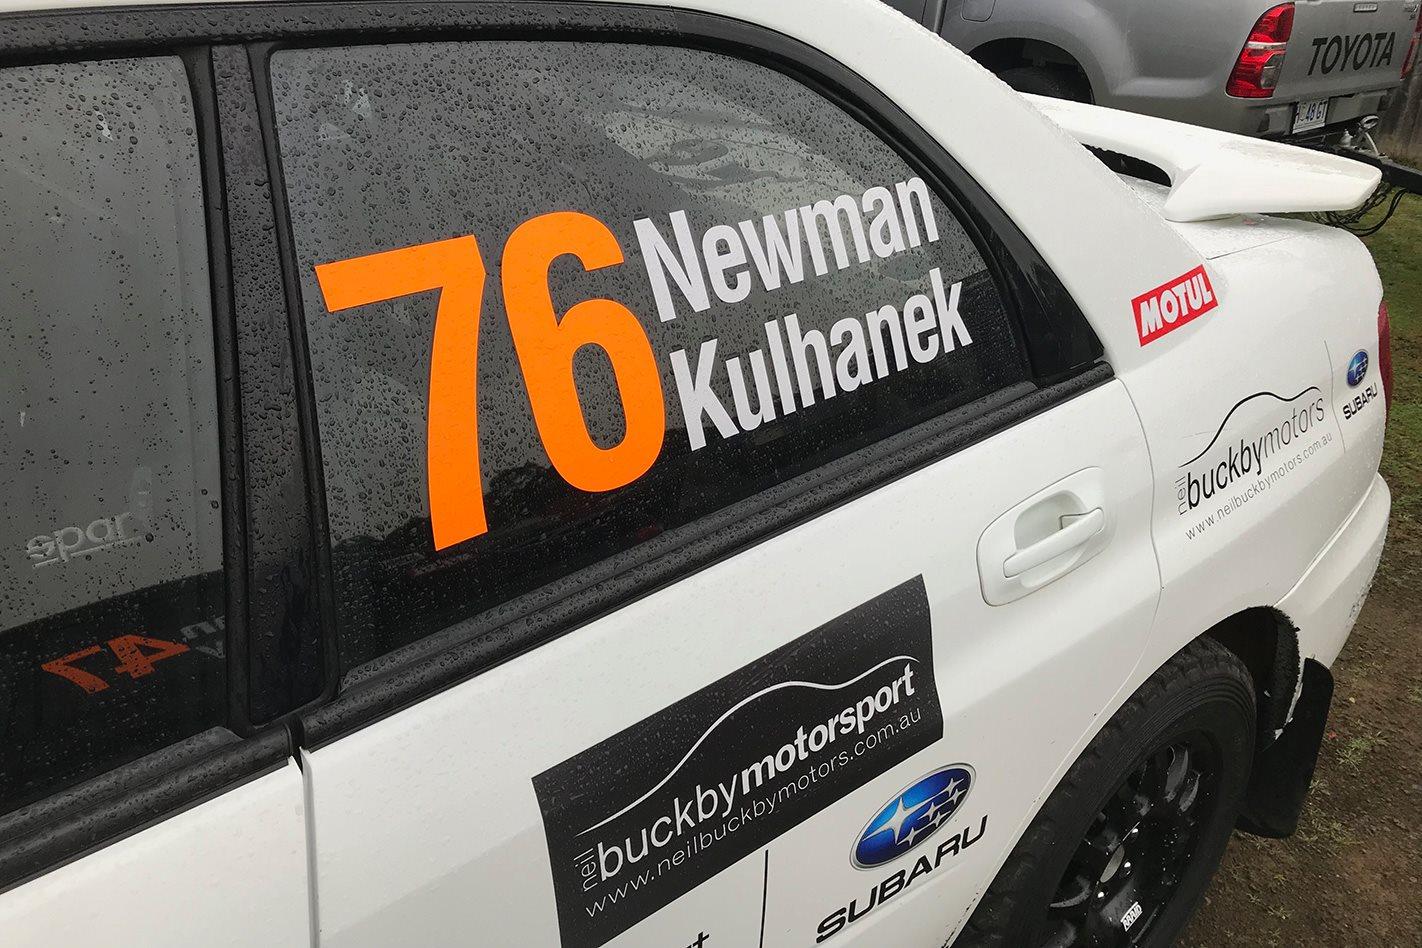 Subaru Impreza RS name